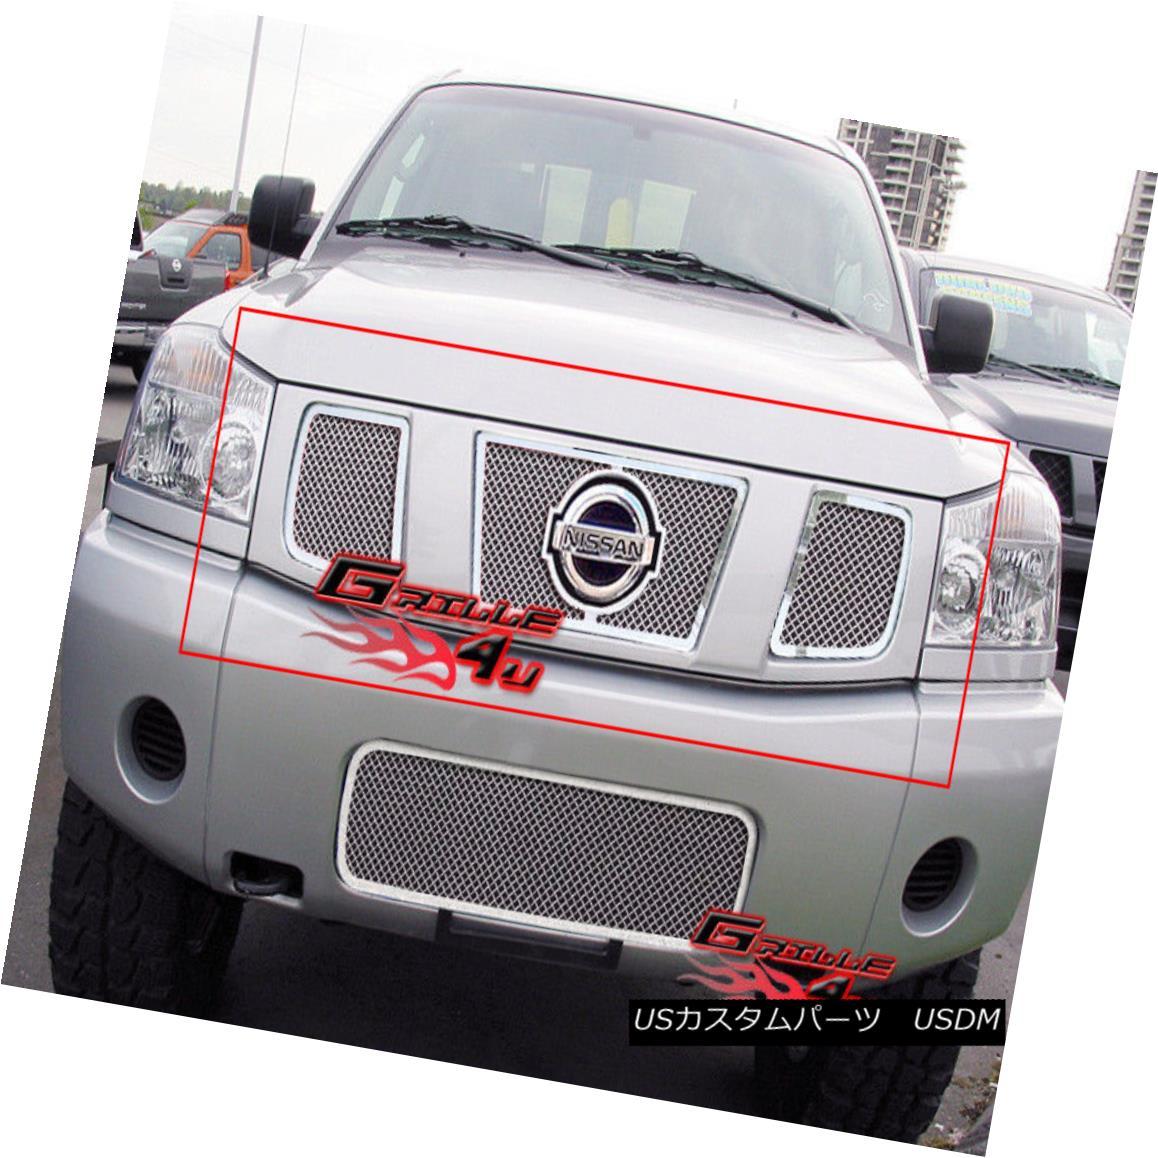 グリル For 04-07 Nissan Titan/Armada Stainless Steel Mesh Grille 04-07 Nissan Titan / Armadaステンレスメッシュグリル用